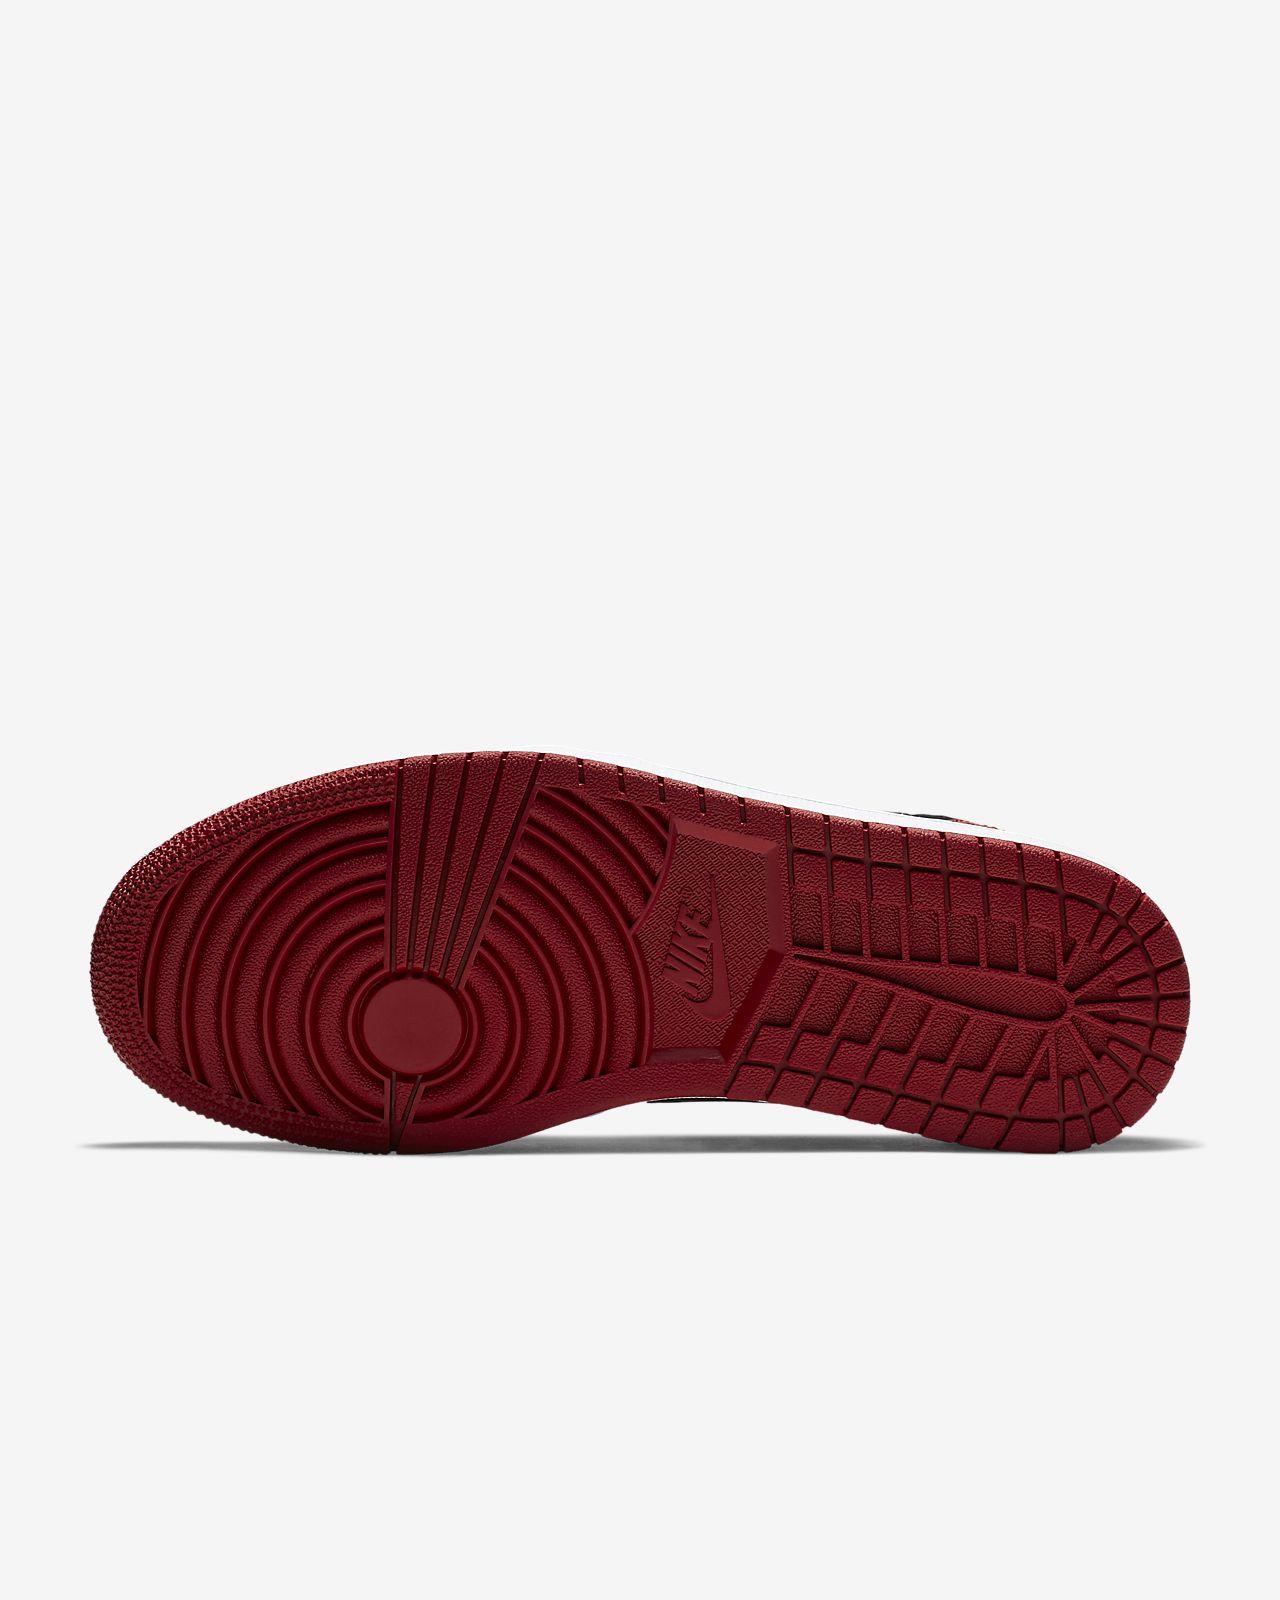 premium selection 39064 45030 ... Air Jordan 1 Low Men s Shoe